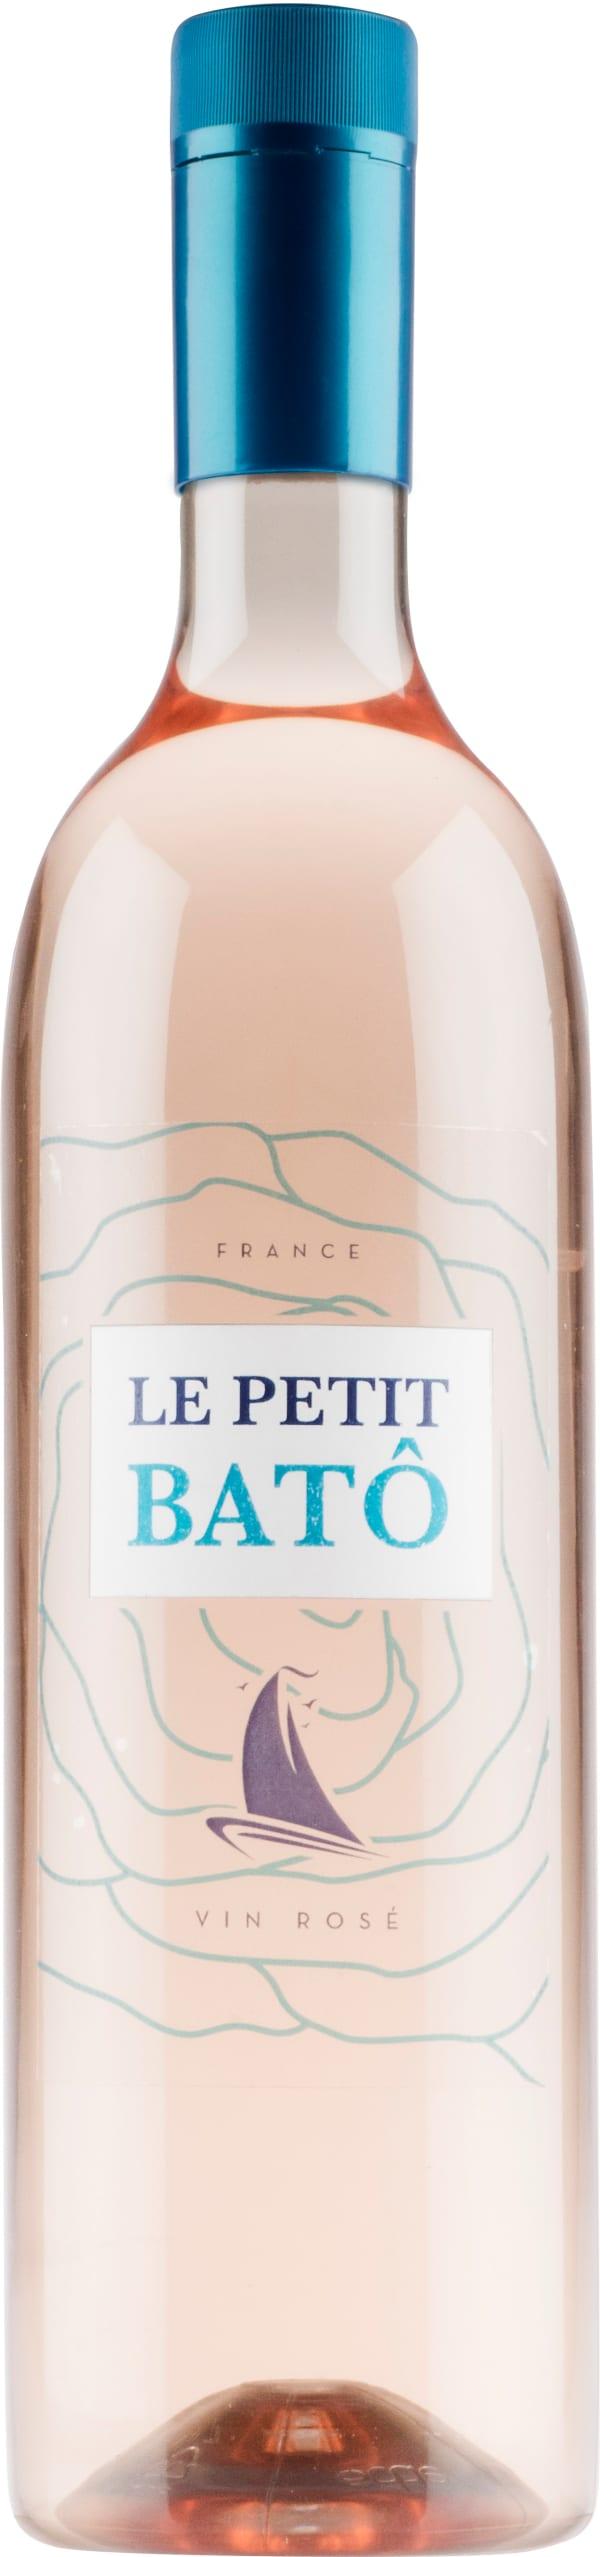 Le Petit Batô Rosé 2019 plastic bottle